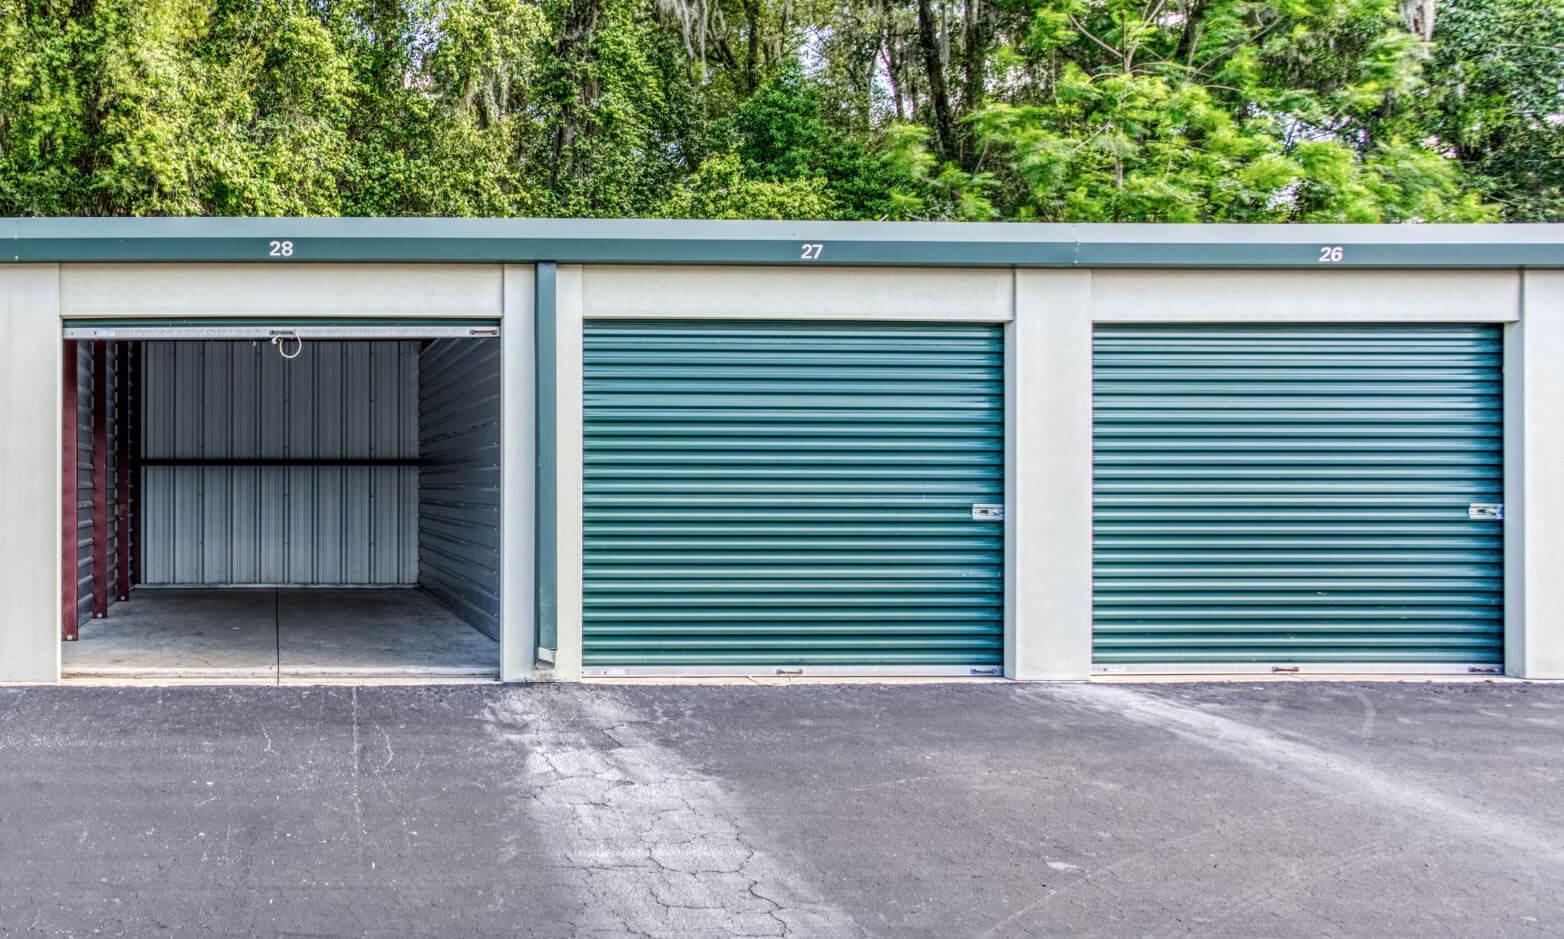 Self-storage unit with door open.